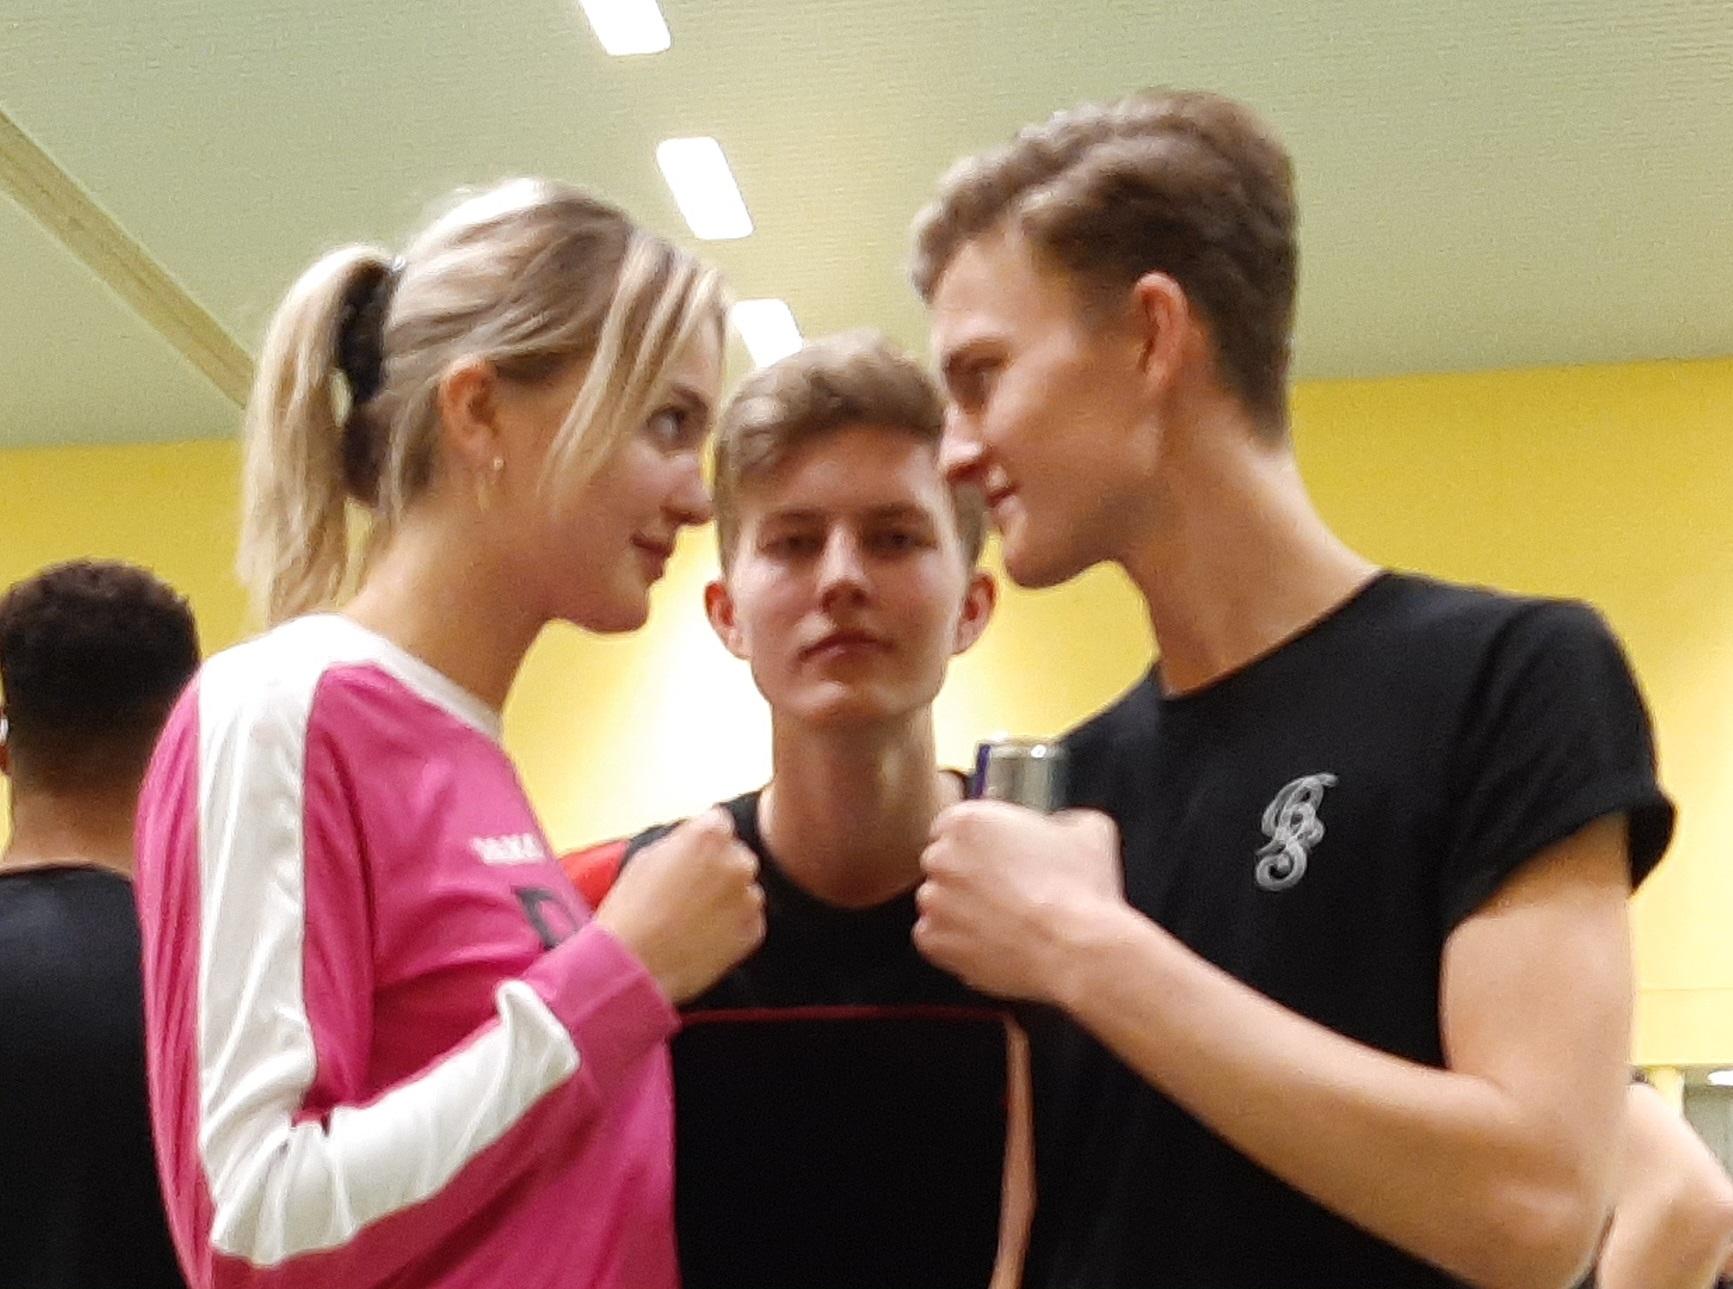 Voorafgaand aan de finale van het Huisman Snerttoernooi een heuse staredown tussen broers (4x scheepsrecht) en zus (Rosch).